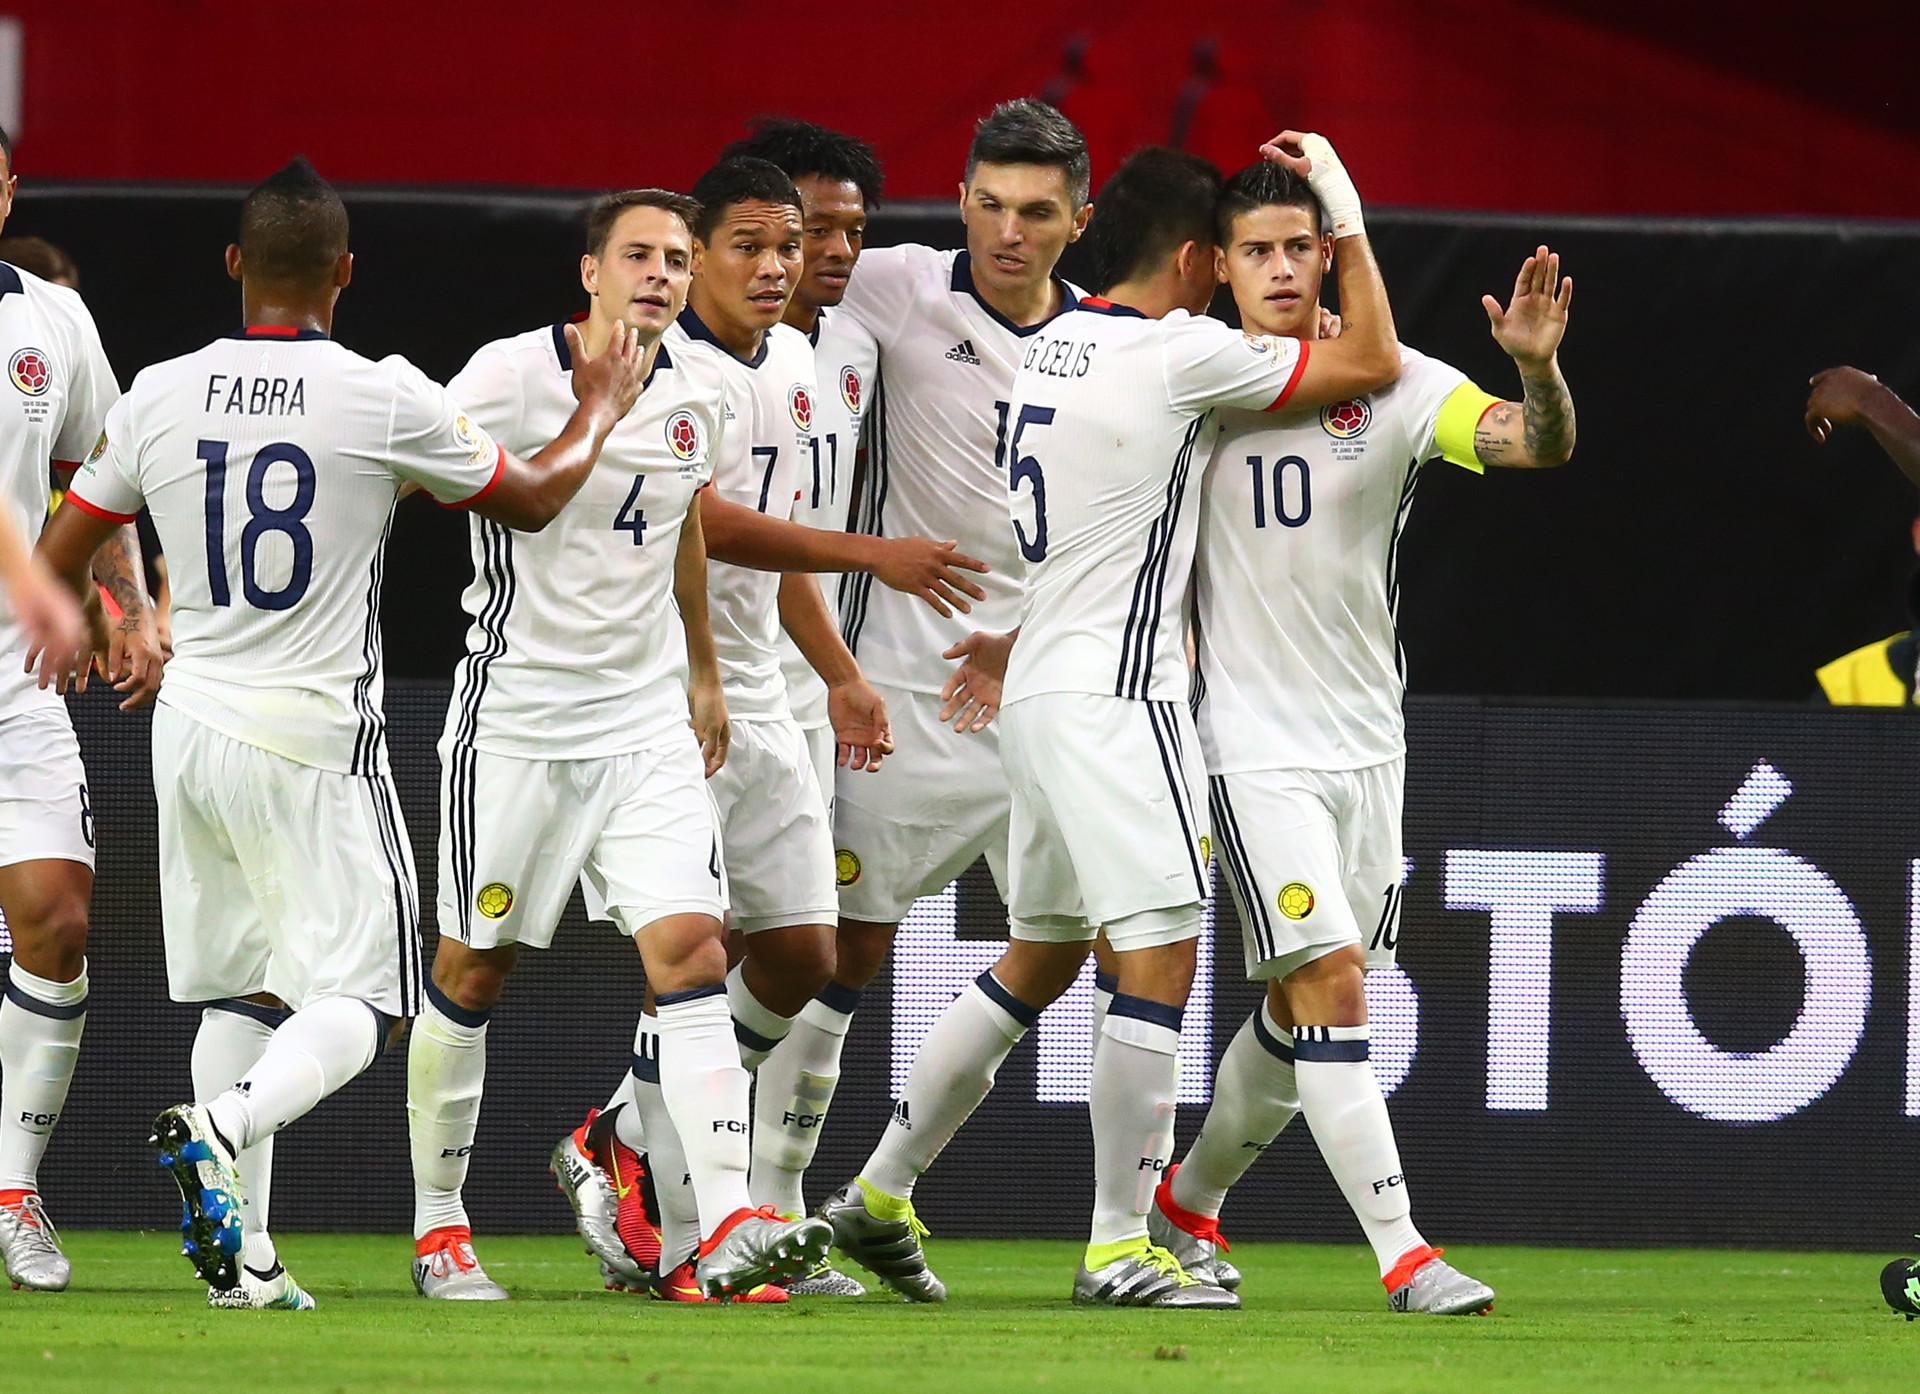 La selección colombiana celebra su primer tanto frente a Estados Unidos